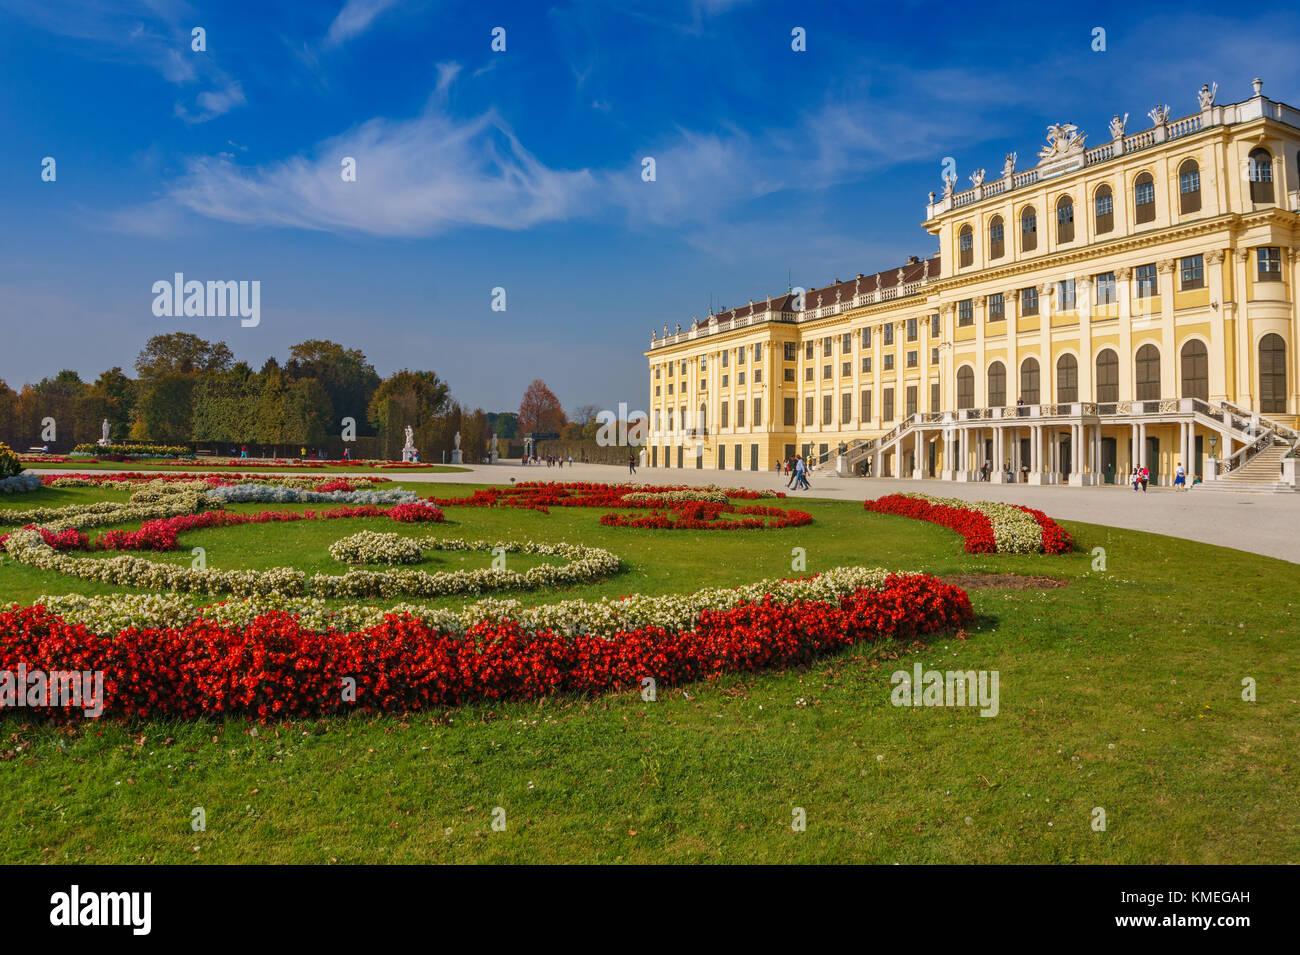 Zone entourée de jardins et autour du célèbre palais Schönbrunn à Vienne en Autriche, l'Europe. Photo Stock